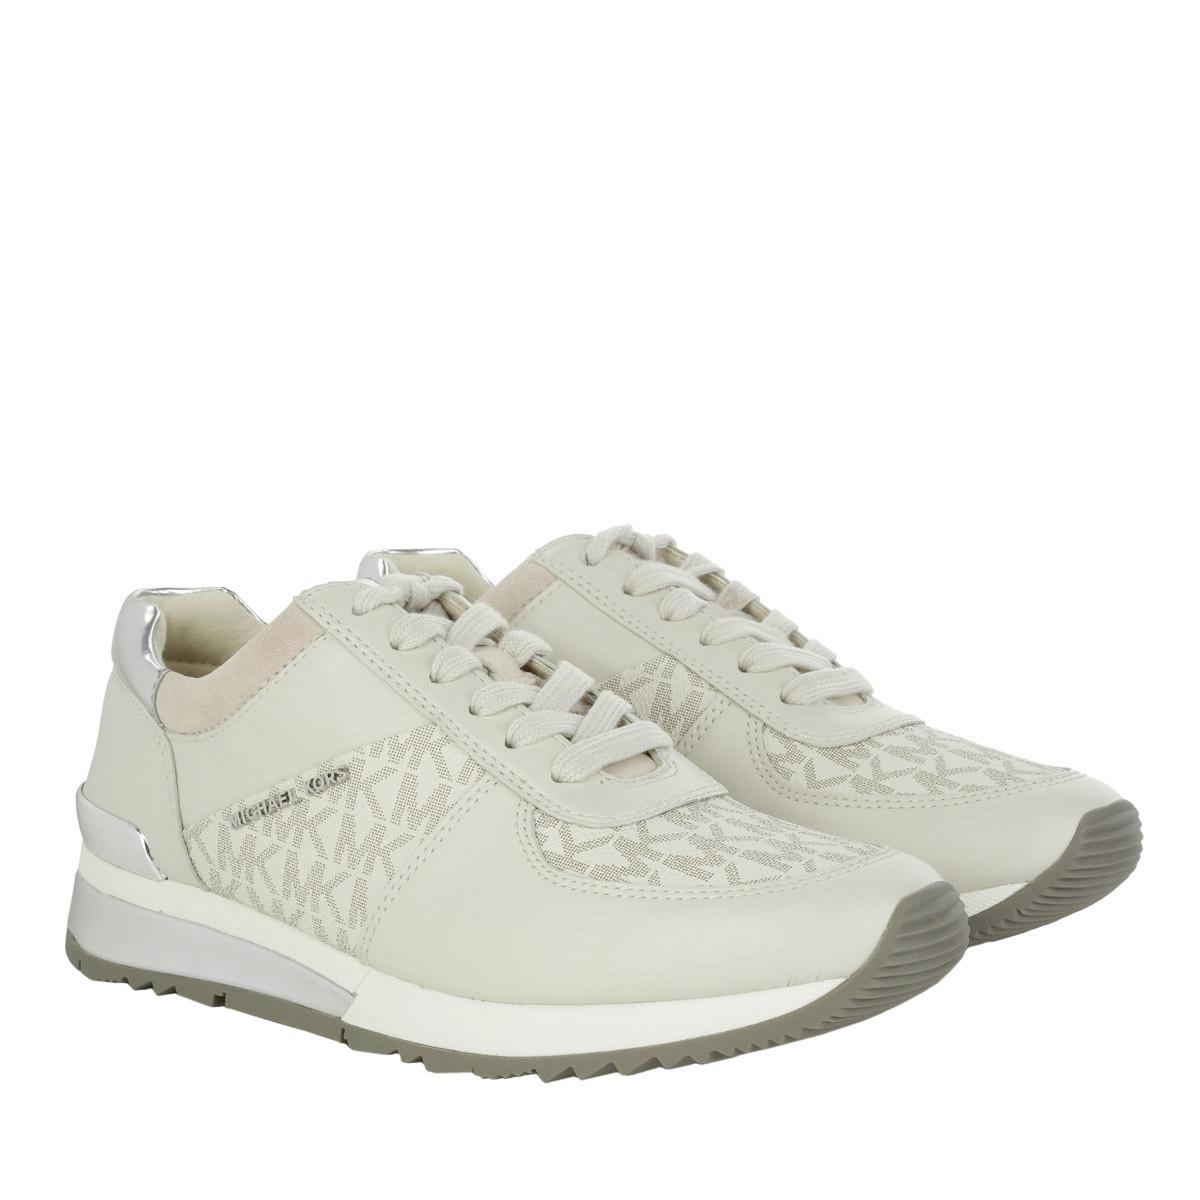 Michael Kors Sneakers - Allie Wrap Trainer Vanilla - in weiß - für Damen